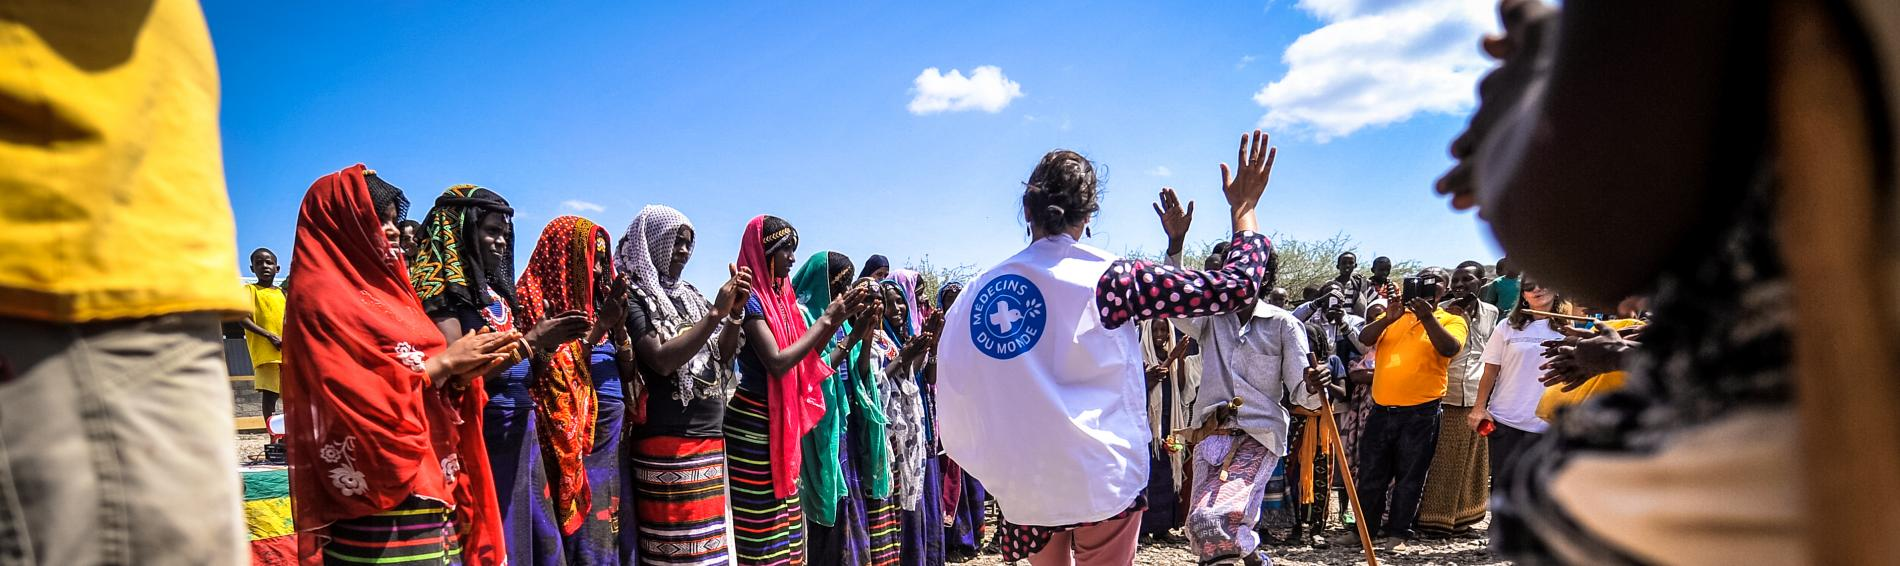 Ärzte der Welt arbeitet eng mit lokalen Partnern zusammen, um das Recht auf Gesundheit zu verwirklichen. Foto: Quentin Top